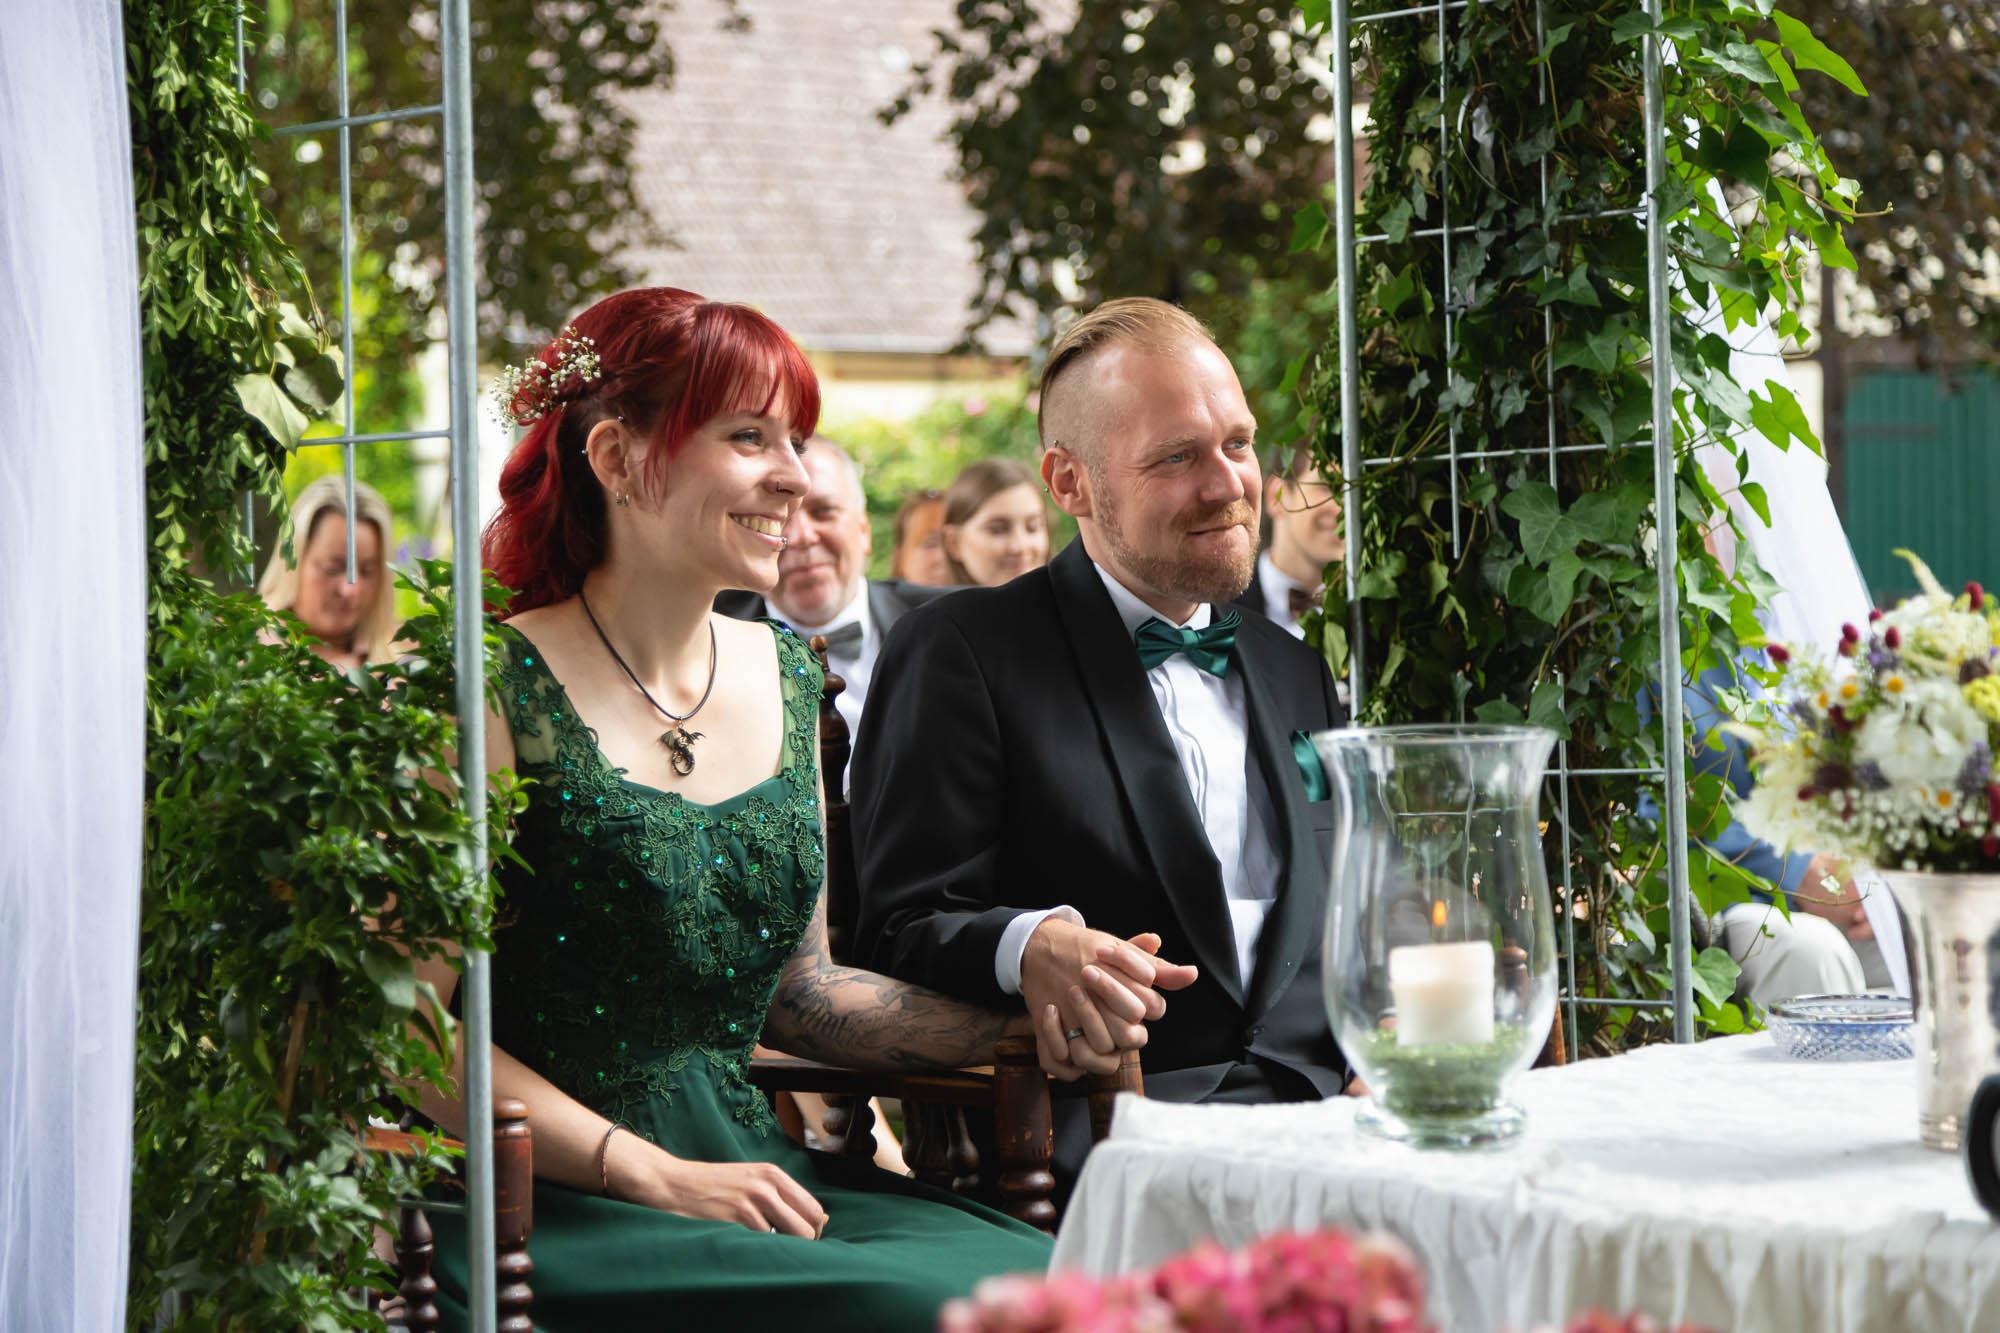 Hochzeitsfotos in der Außenstelle vom Standesamt in Springe